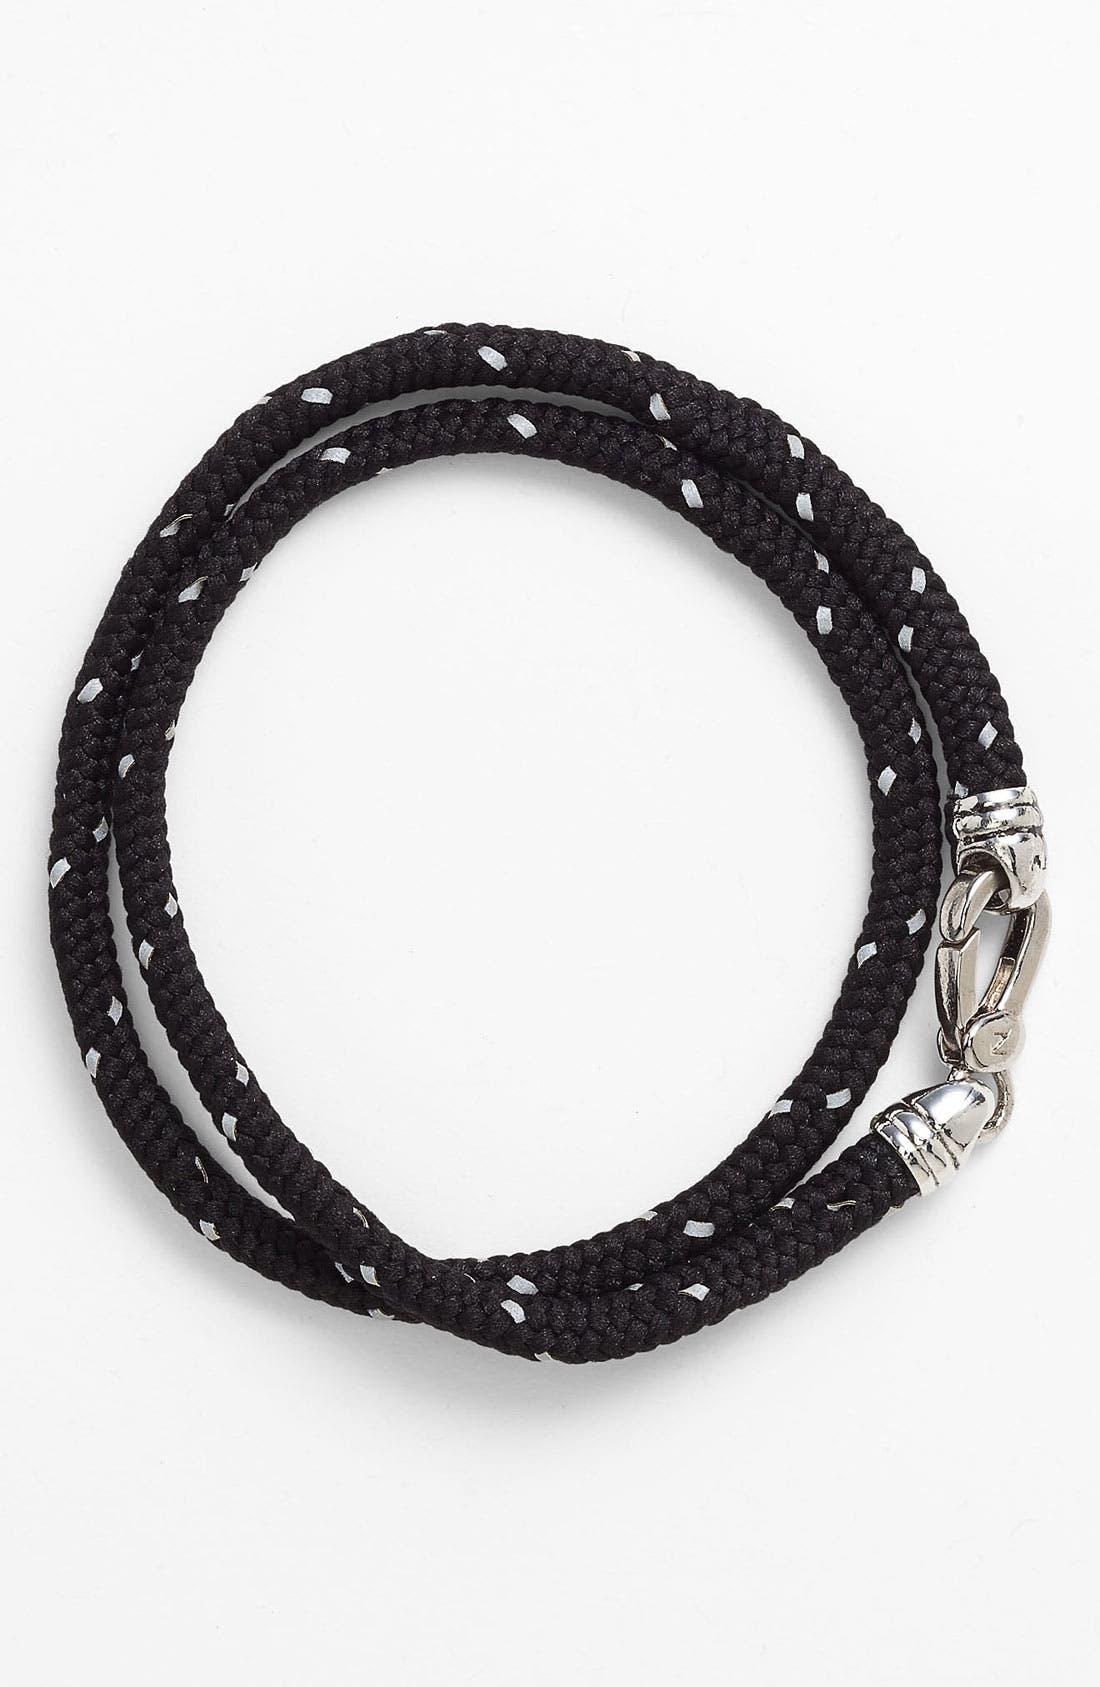 Wrap Cord Bracelet,                         Main,                         color, Black